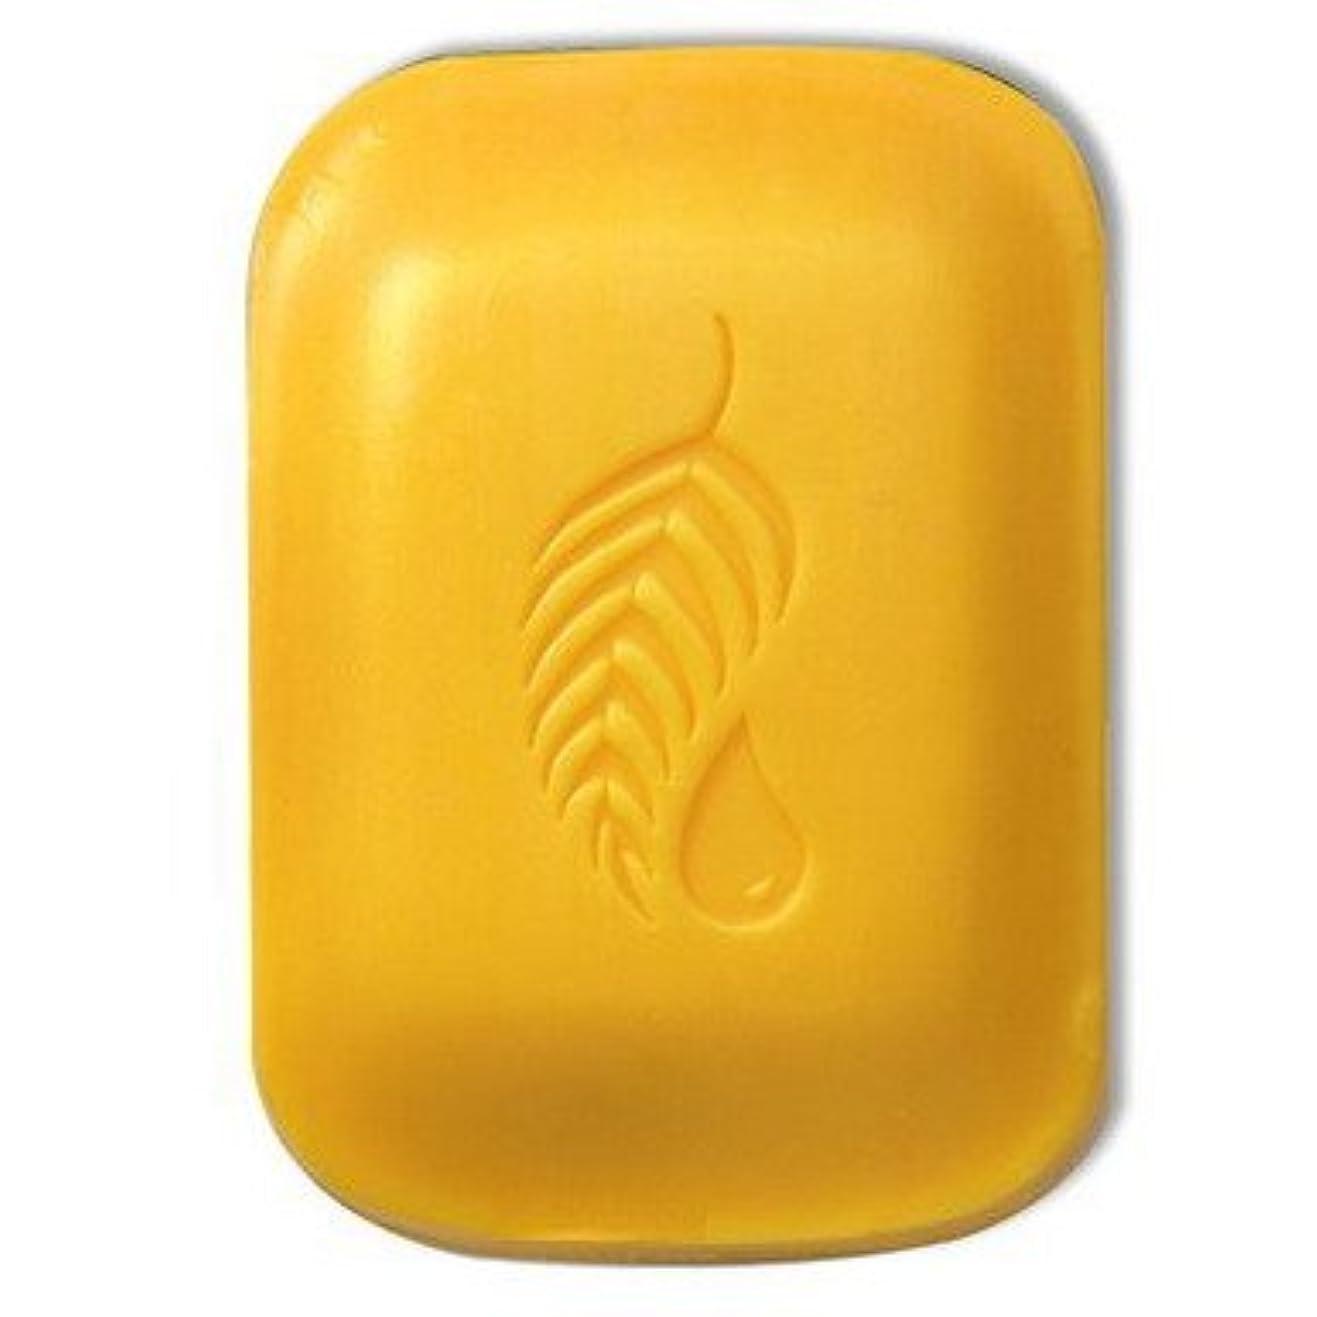 シェルターがっかりする不忠【Melaleuca(メラルーカ)】ゴールド バー トライアルサイズ42.5g [並行輸入品]